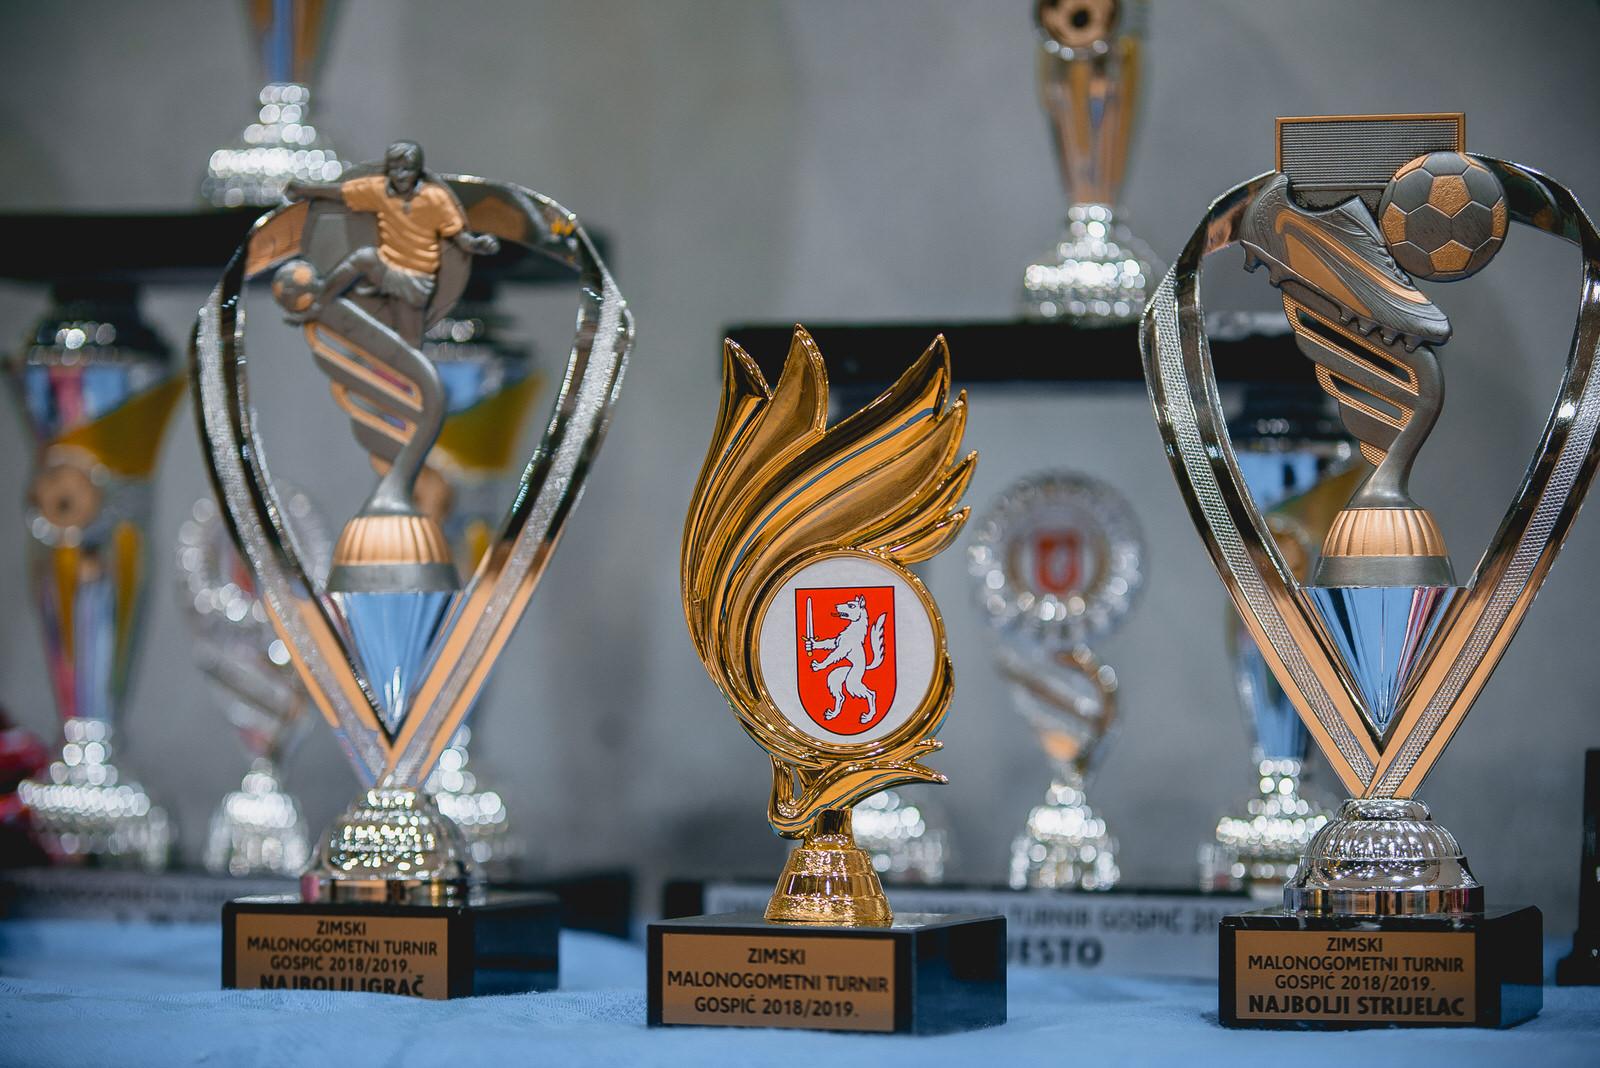 likaclub_gospić_zimski-malonogometni-turnir-2018-19-4